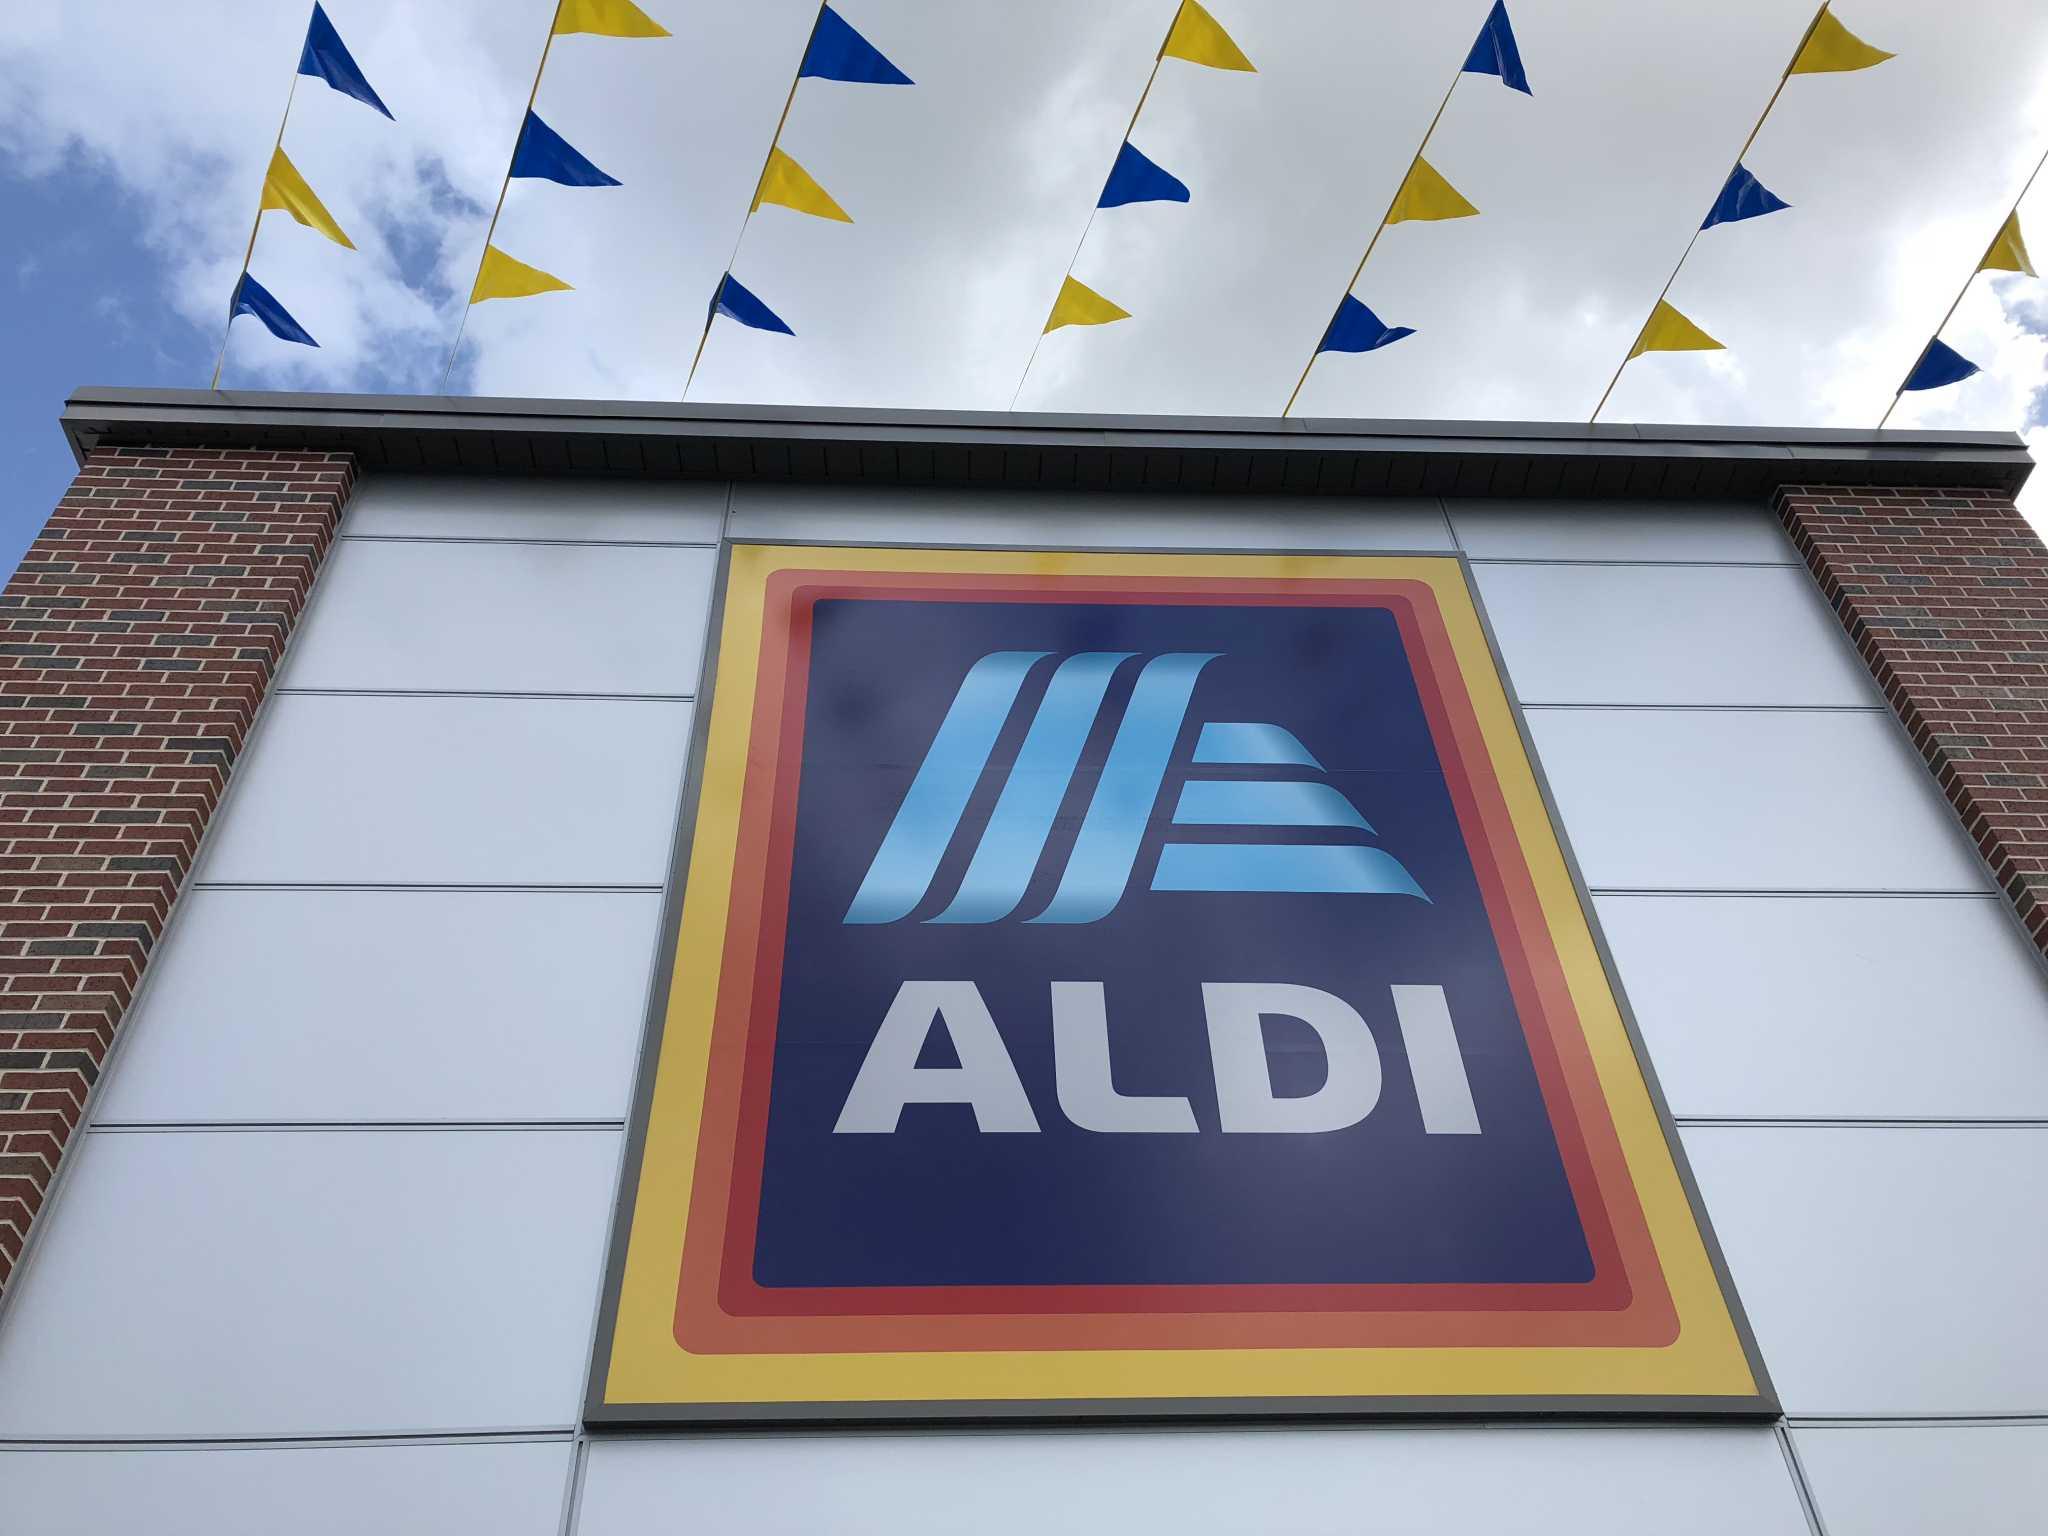 Cars Auto Aldi The Sasson Report Food Shopping Aldi Opens In